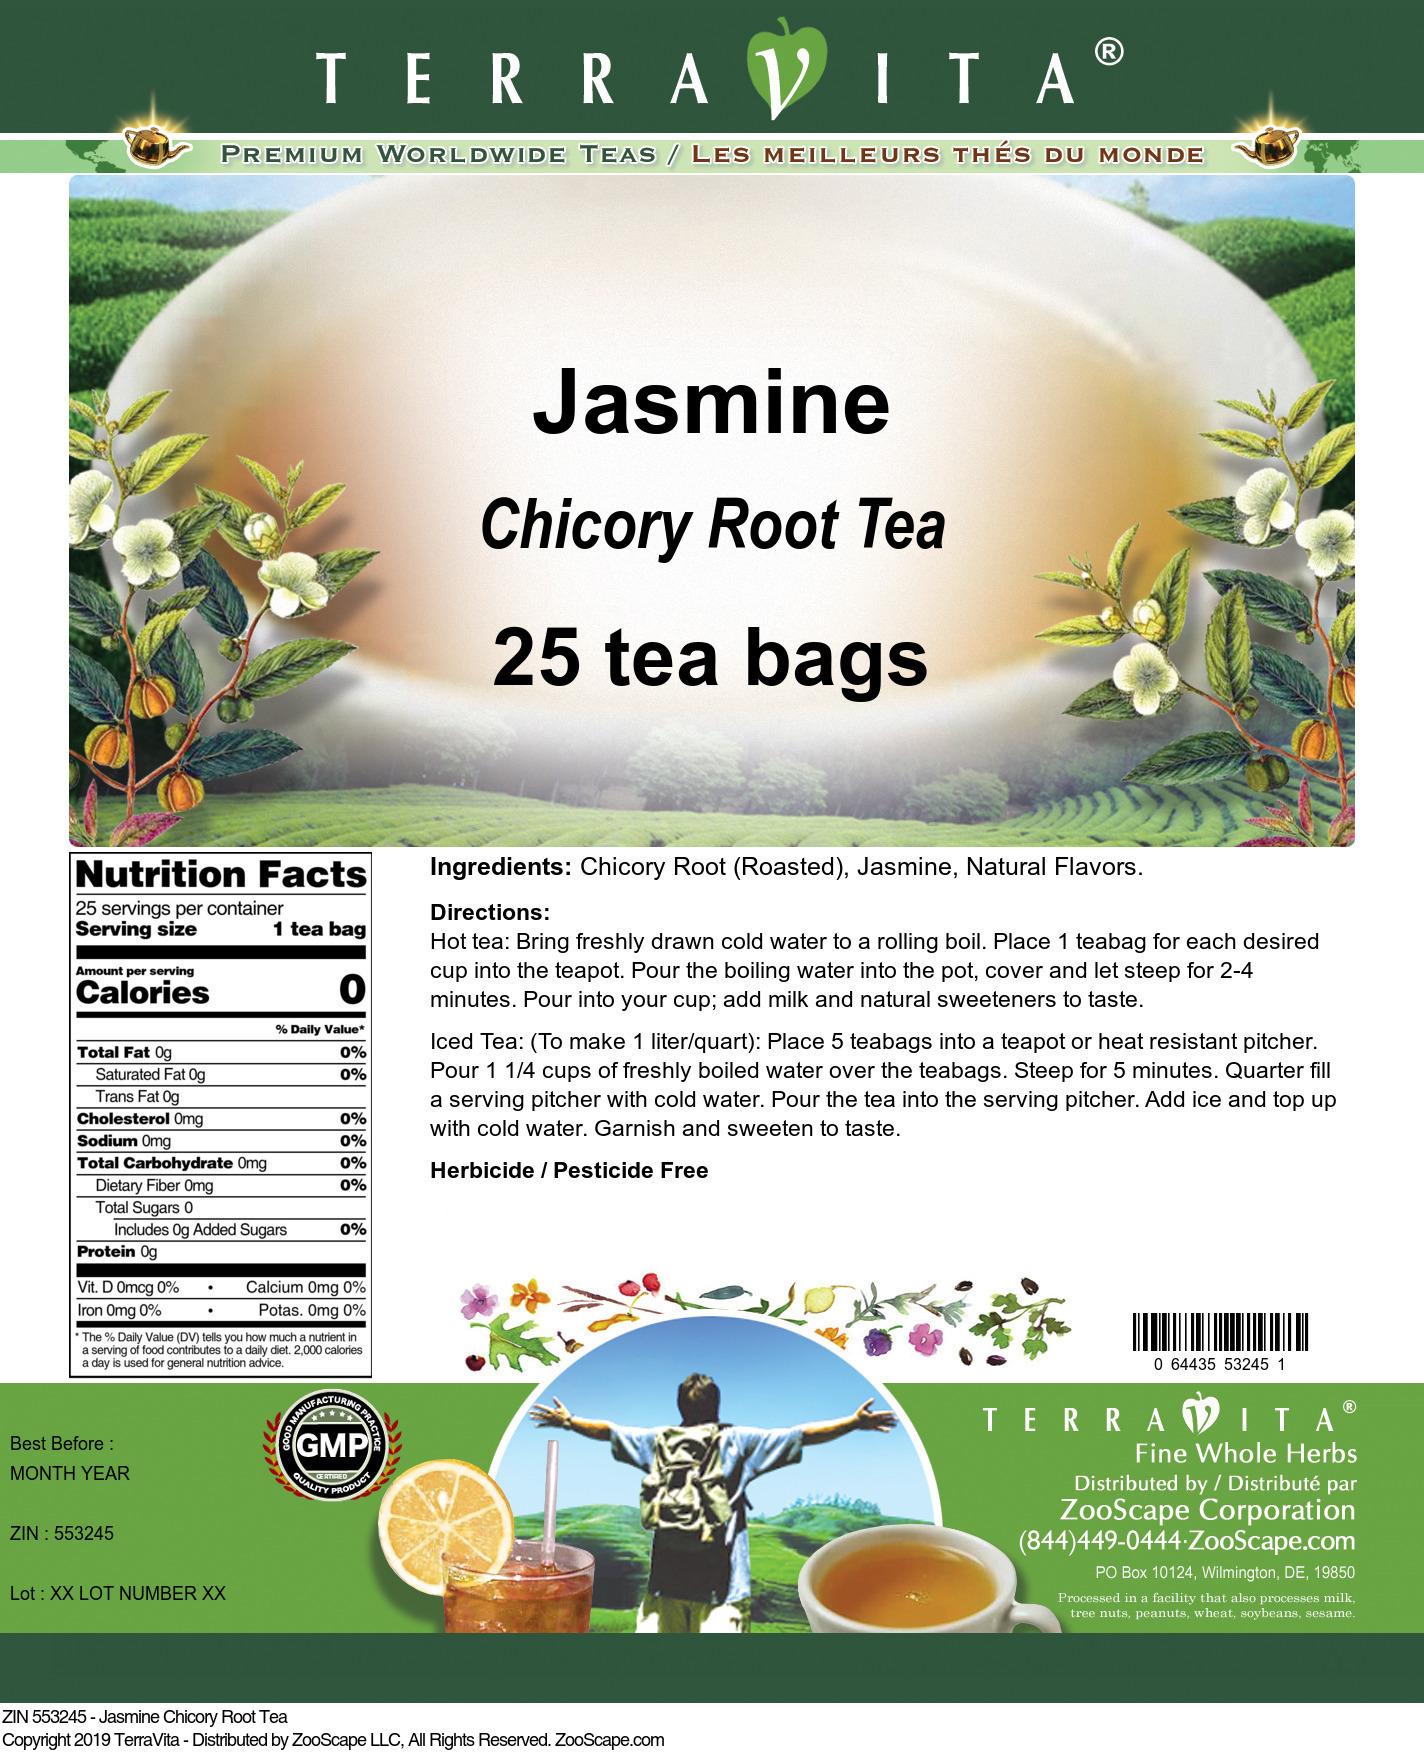 Jasmine Chicory Root